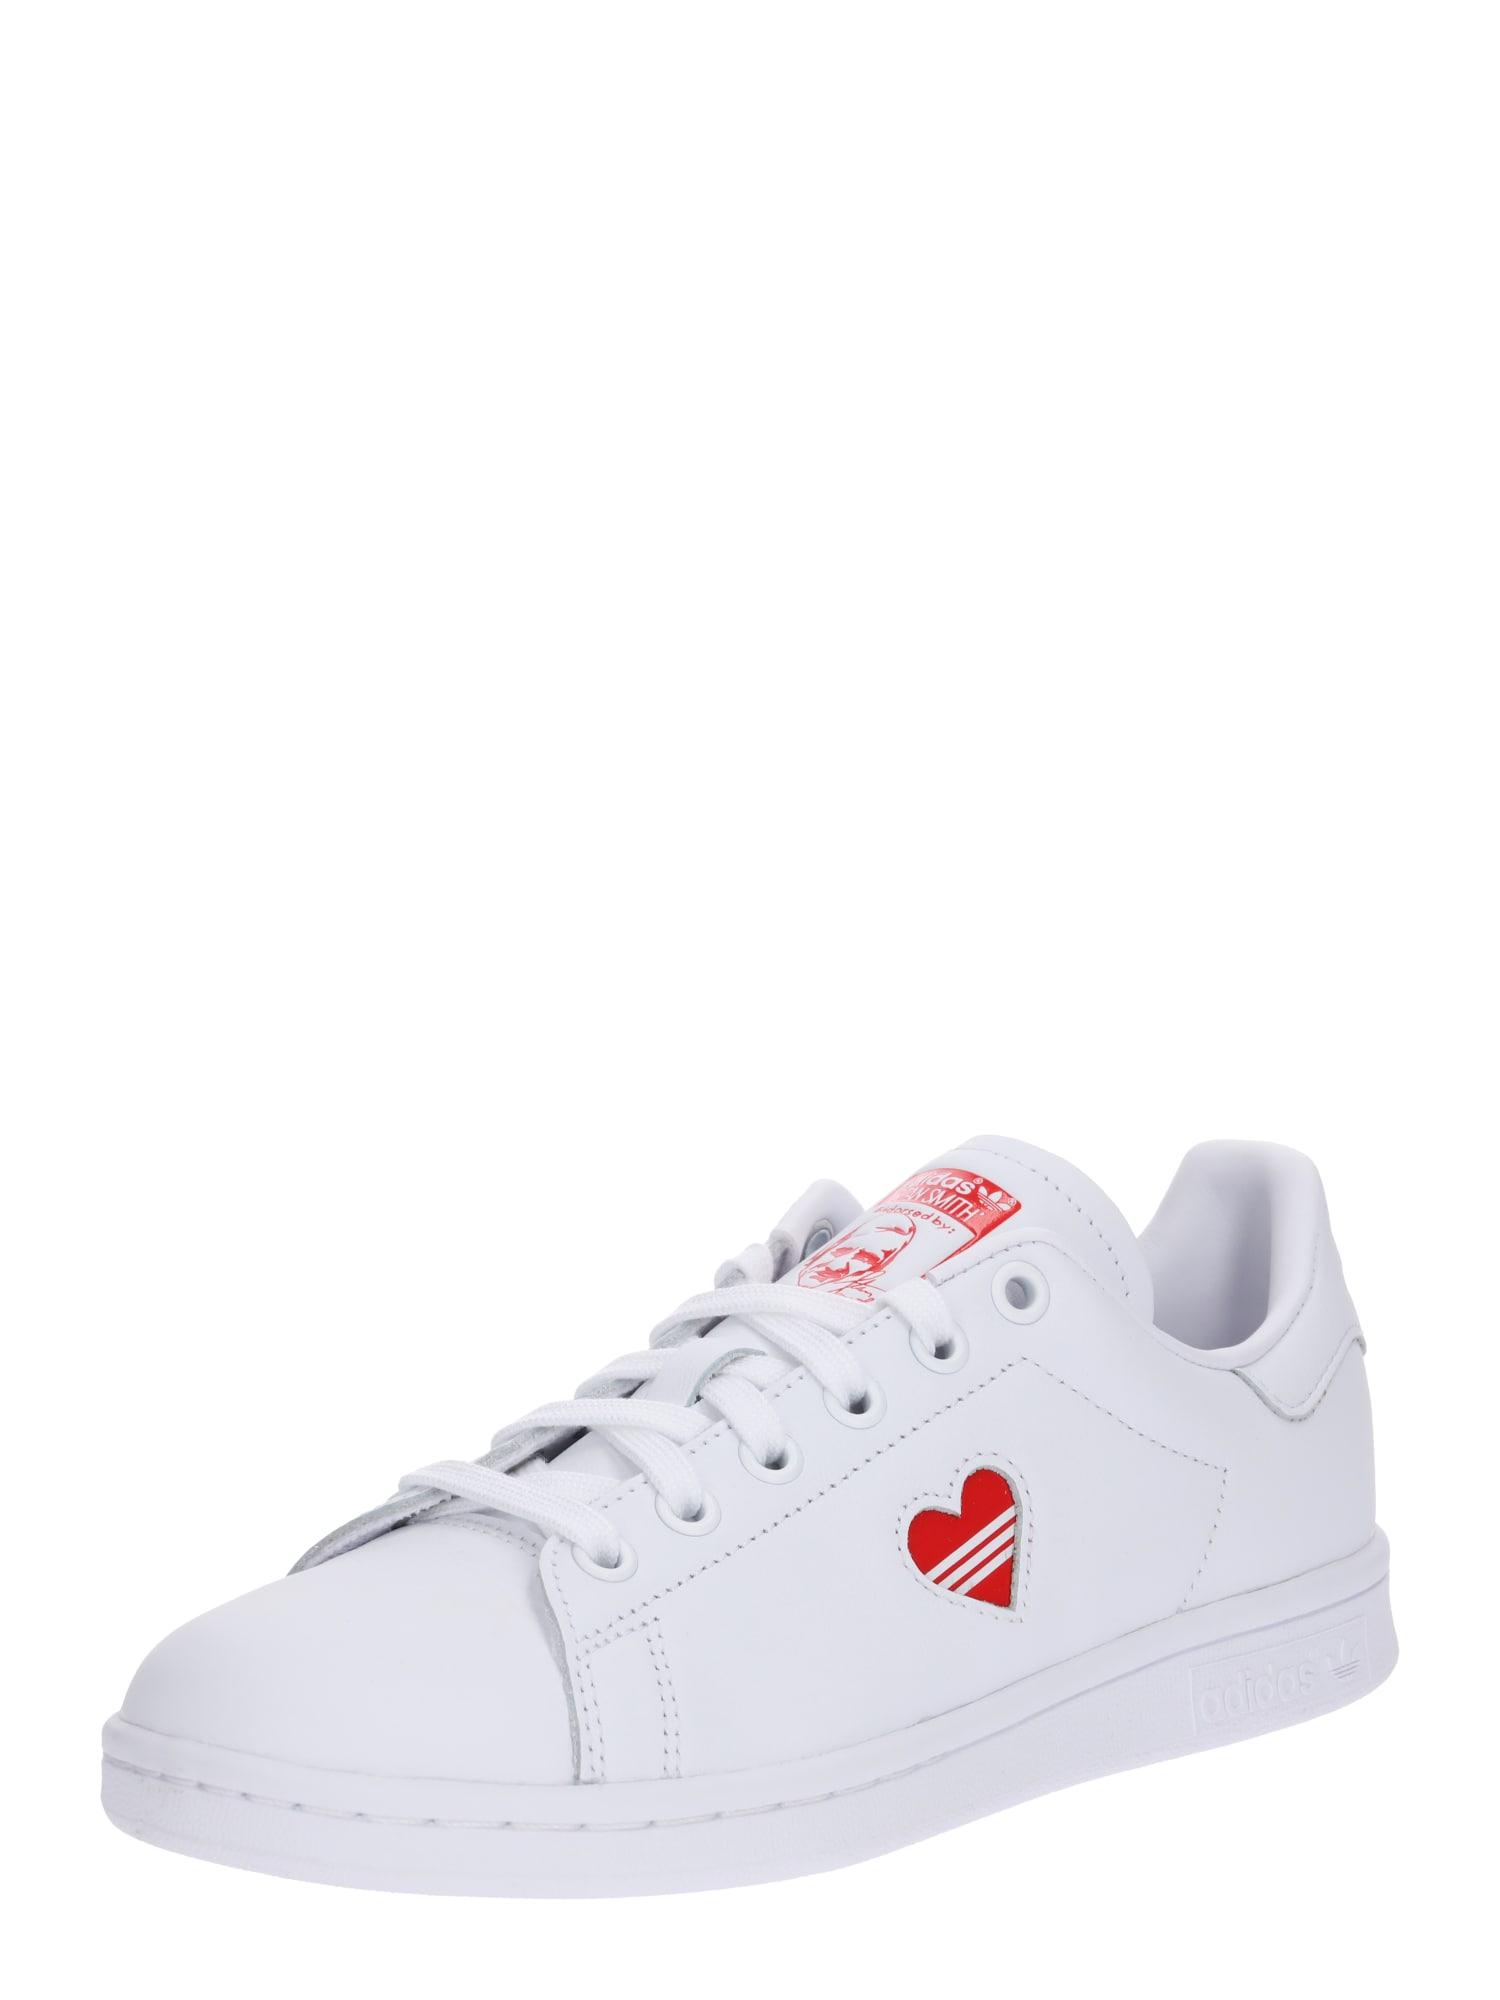 Tenisky Stan Smith červená bílá ADIDAS ORIGINALS